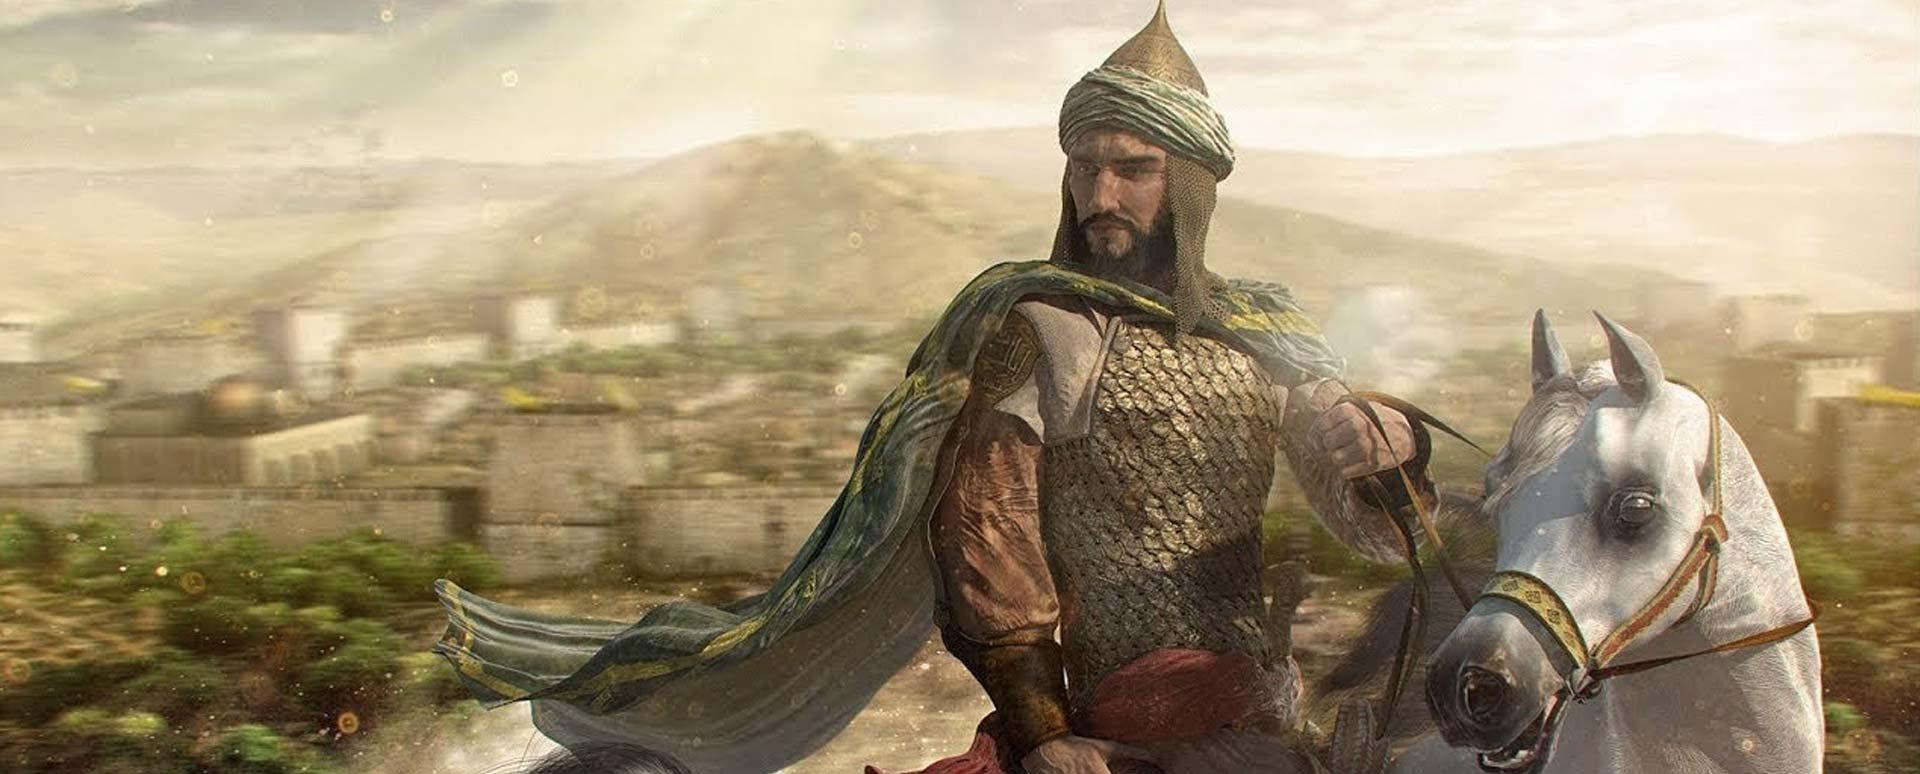 Retrato moderno de Saladino montado a caballo